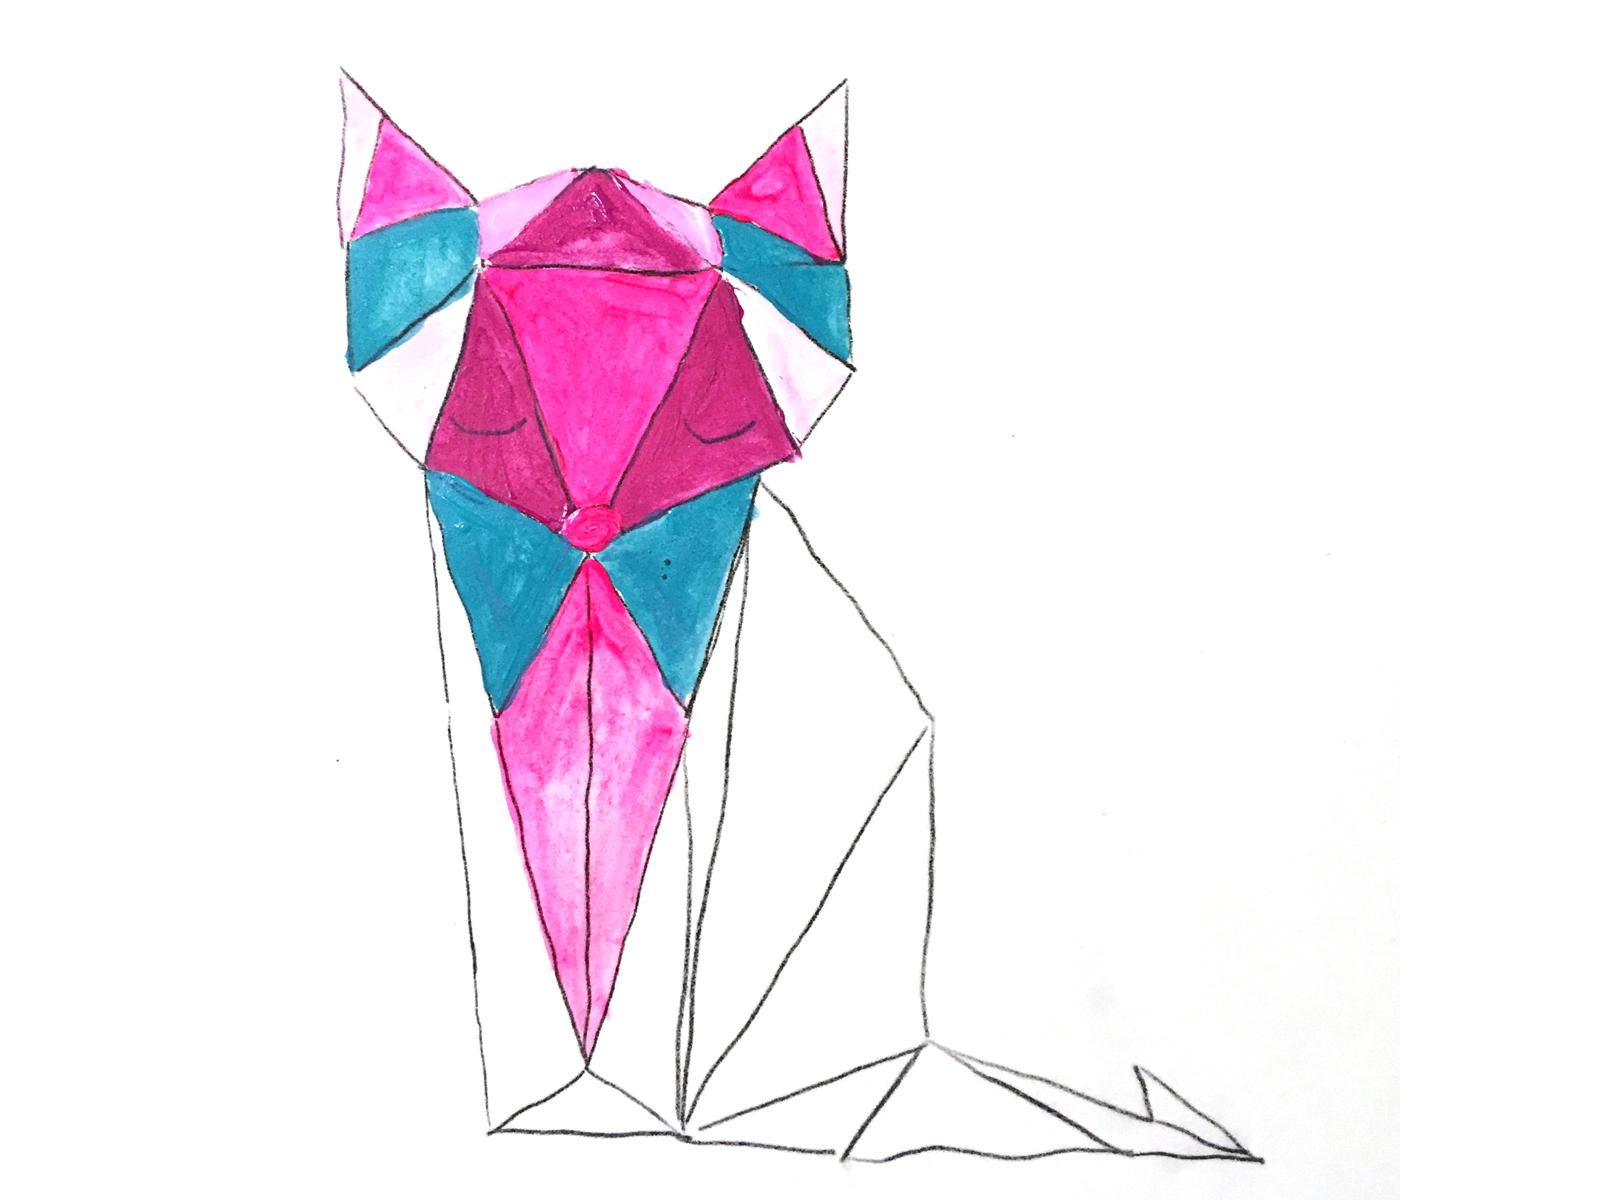 Kreatives Arbeiten im Atelier für Kinder - Malwerkstatt II